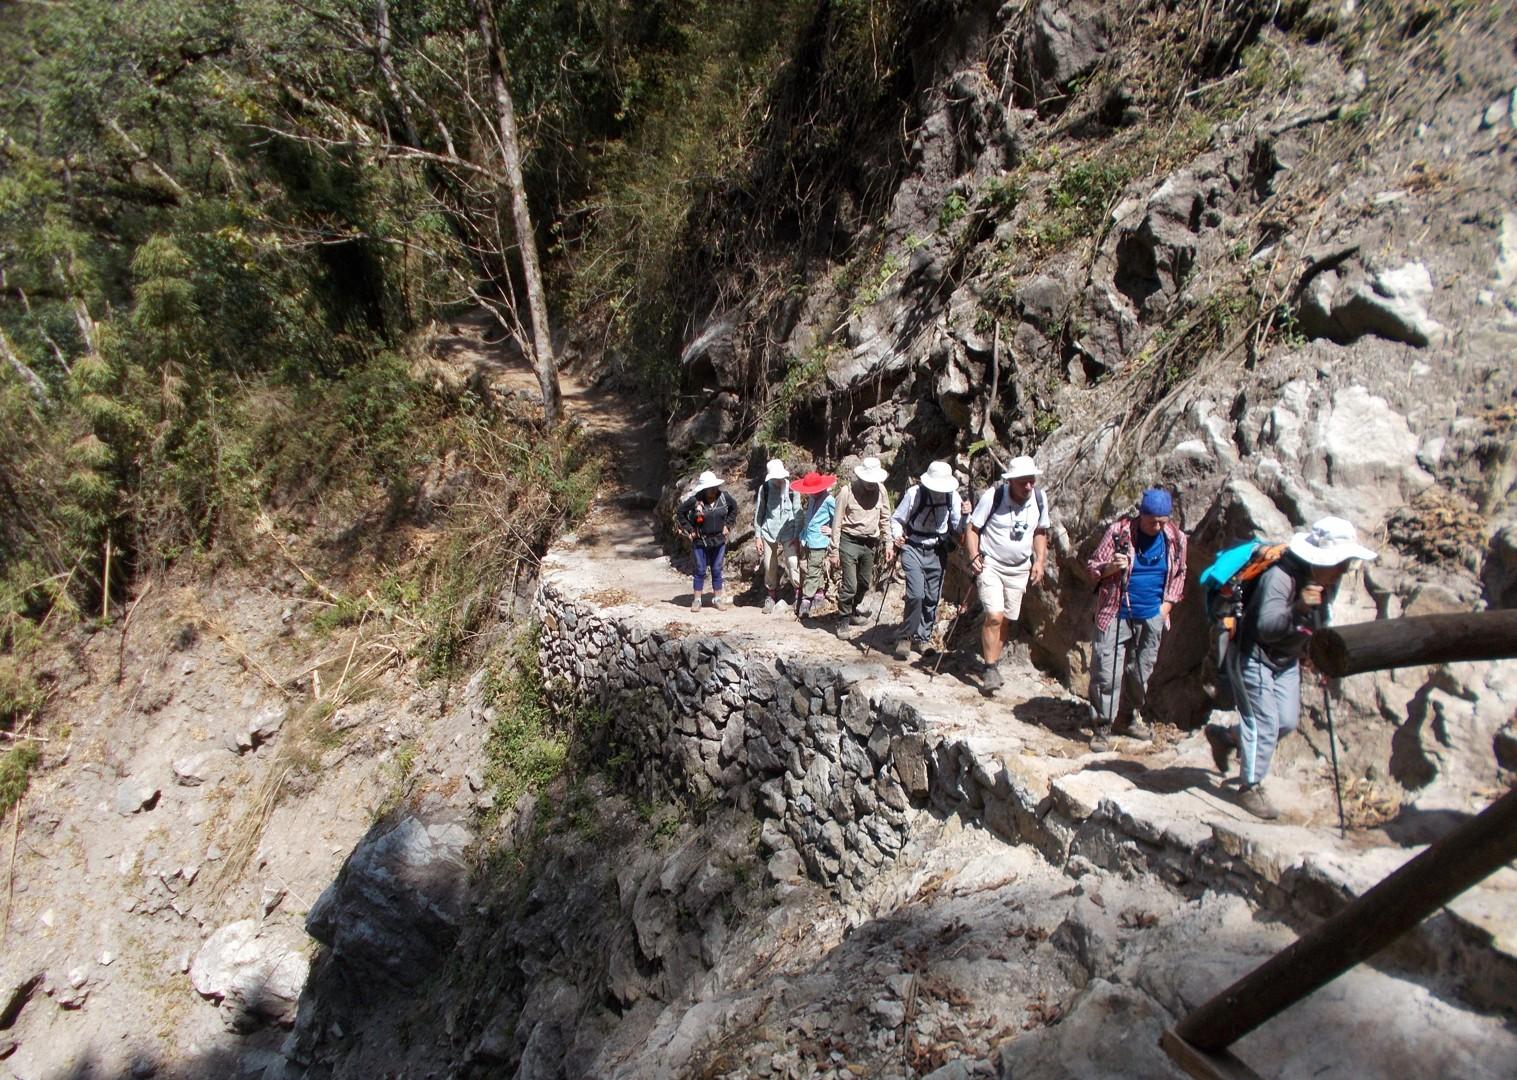 Inca Trails in Peru.jpg - Inca Trails in Peru - Meet the People Tours